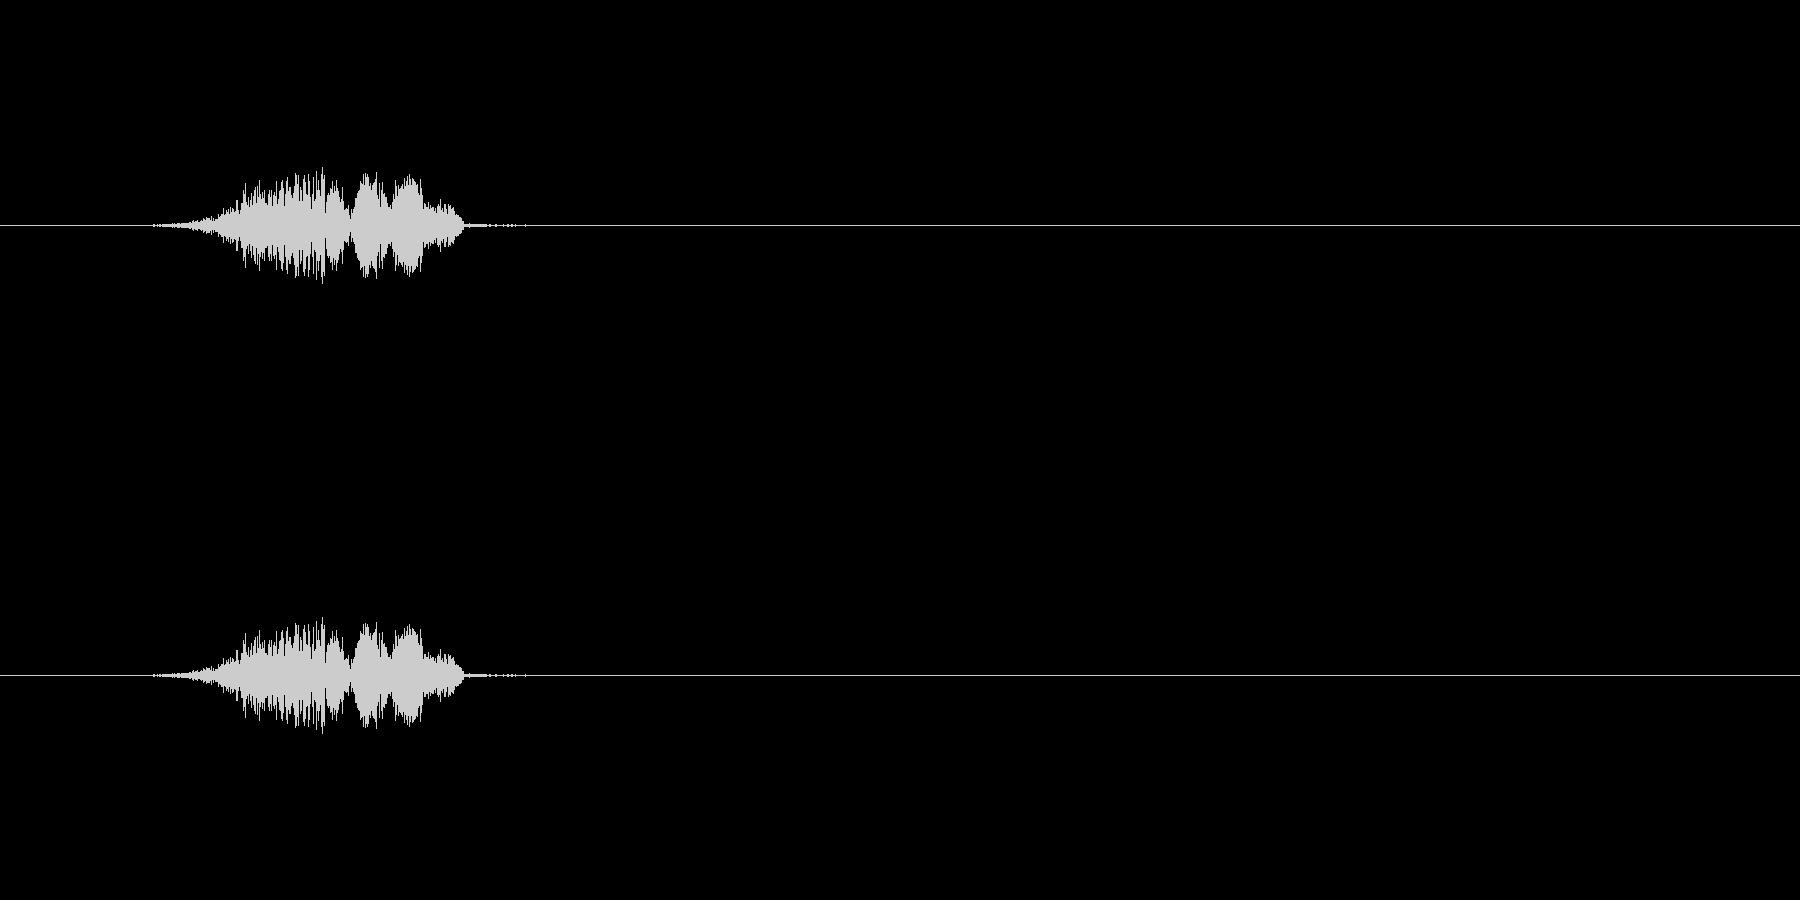 【ポップモーション40-1】の未再生の波形